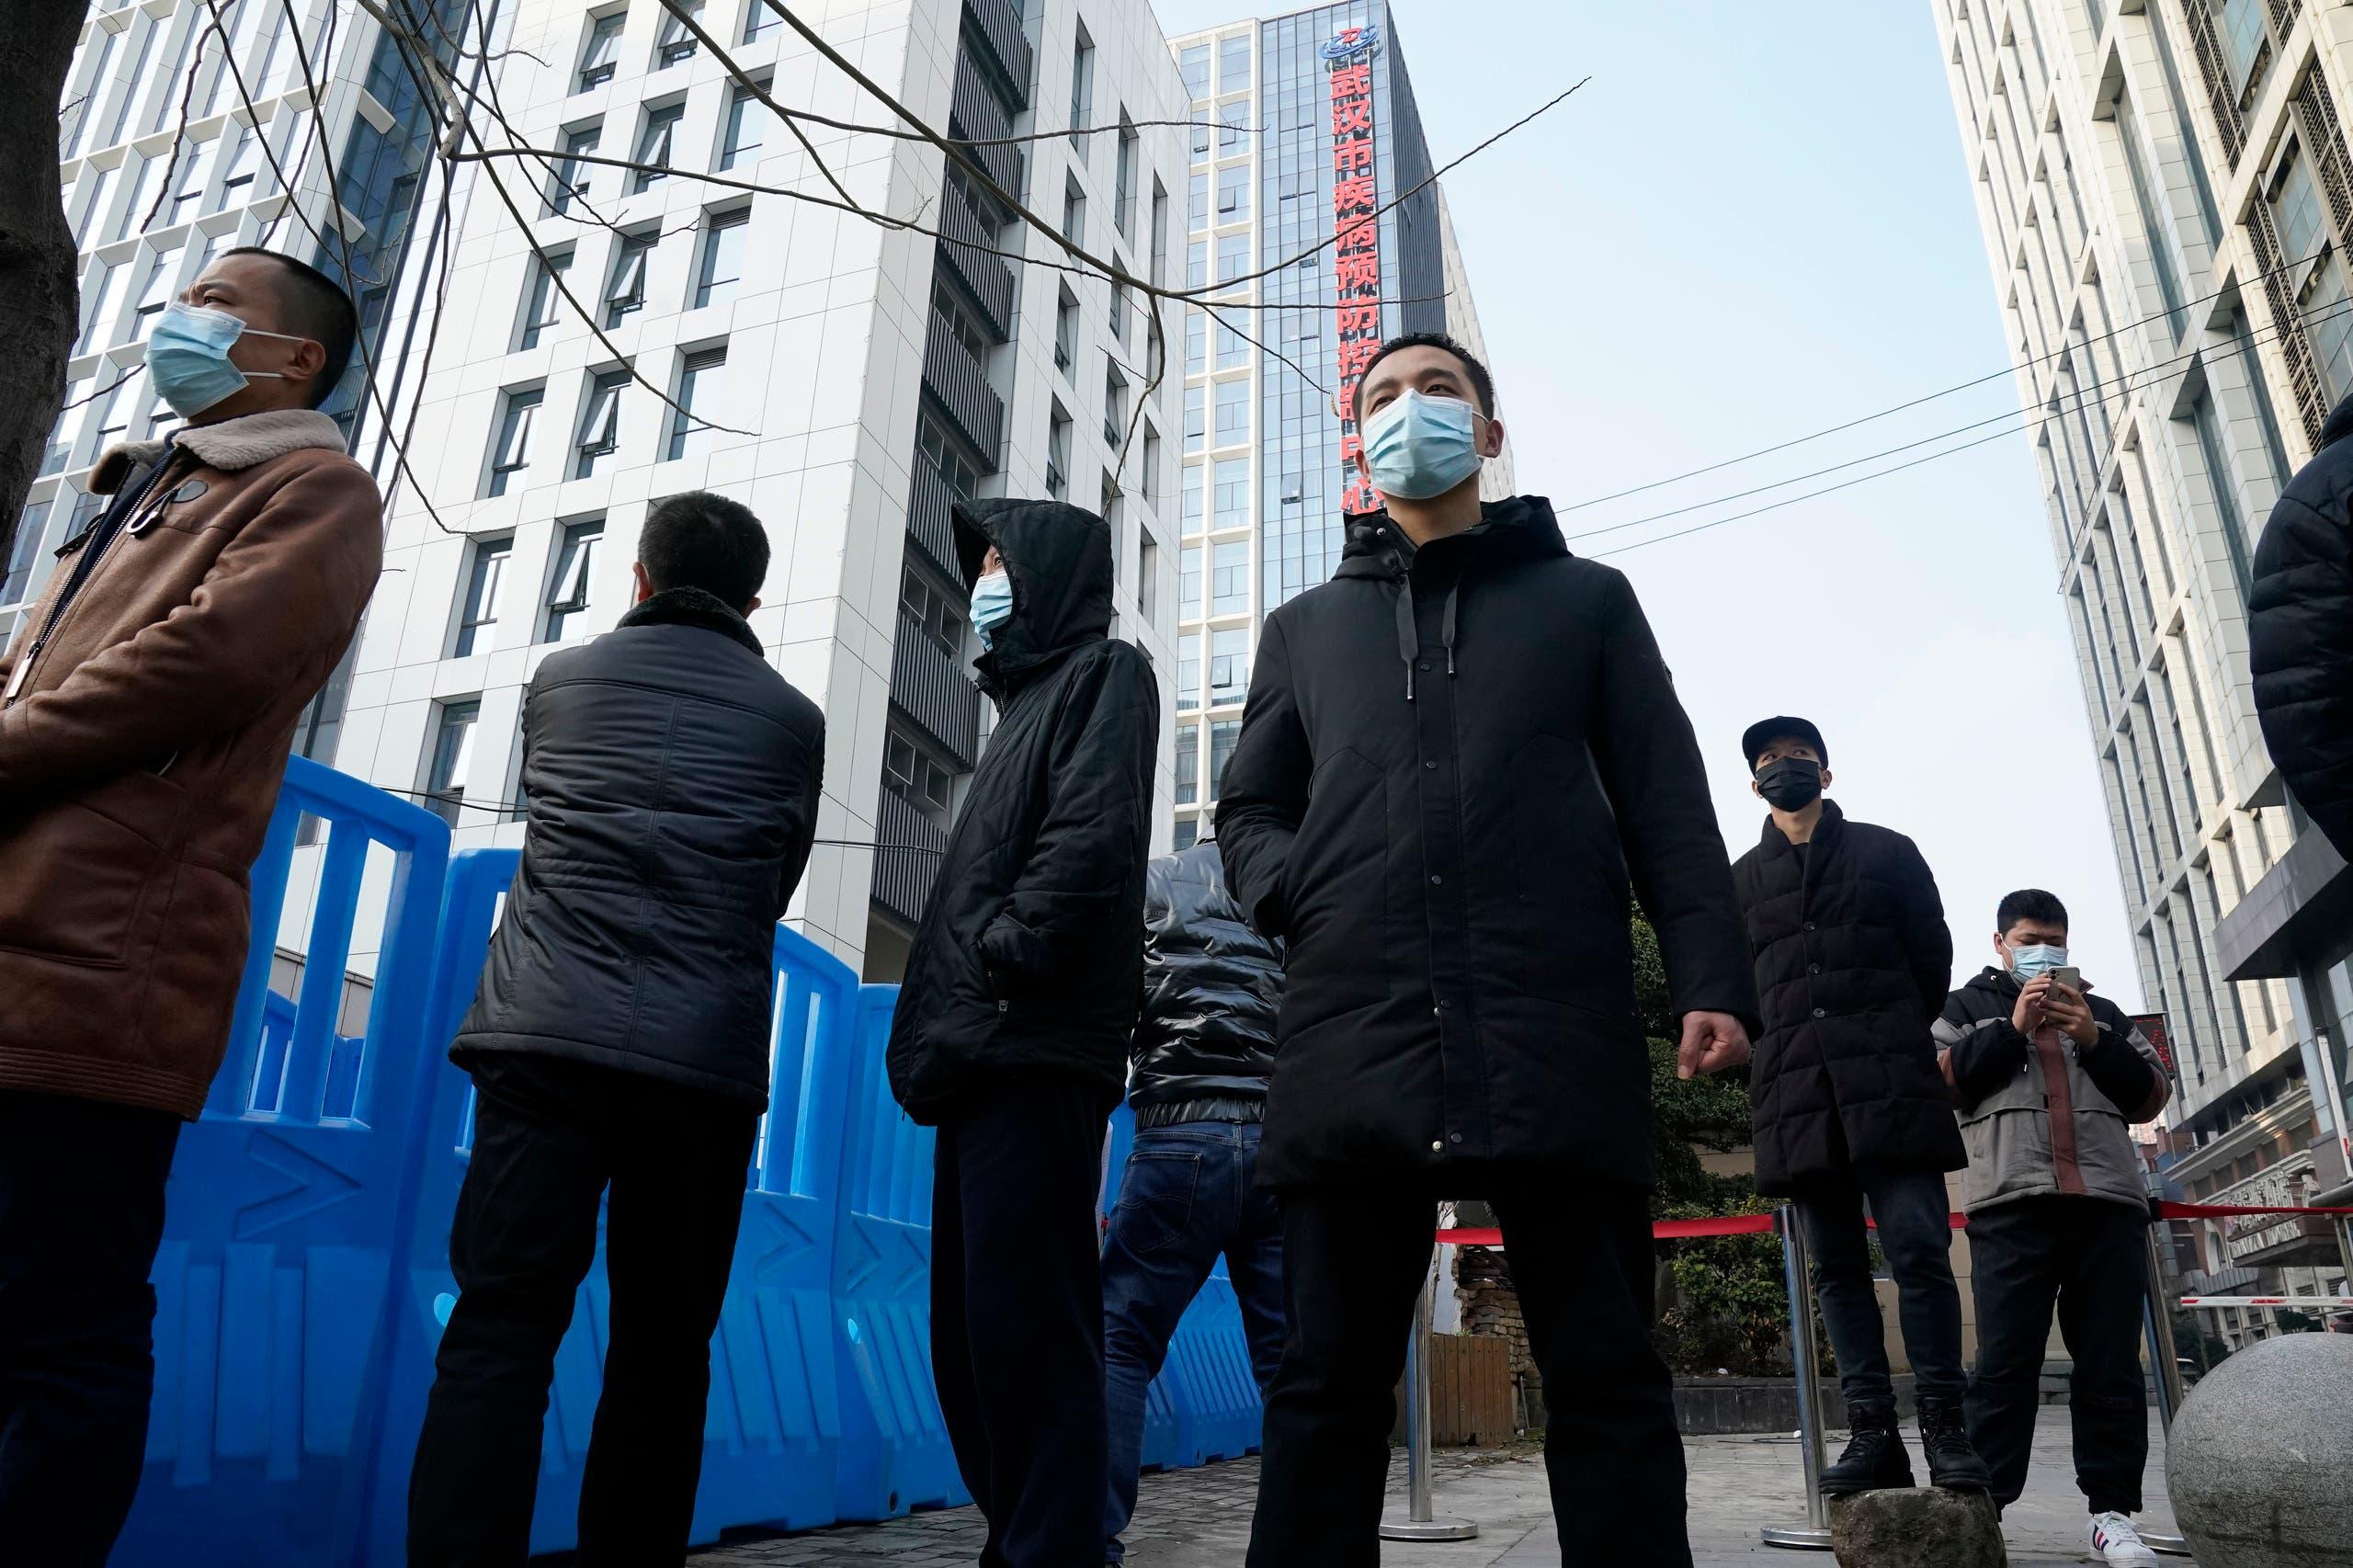 أفراد الأمن في ثياب مدنية خارج مركز ووهان للسيطرة على الأمراض والوقاية منها يوم 1 فبراير 2021